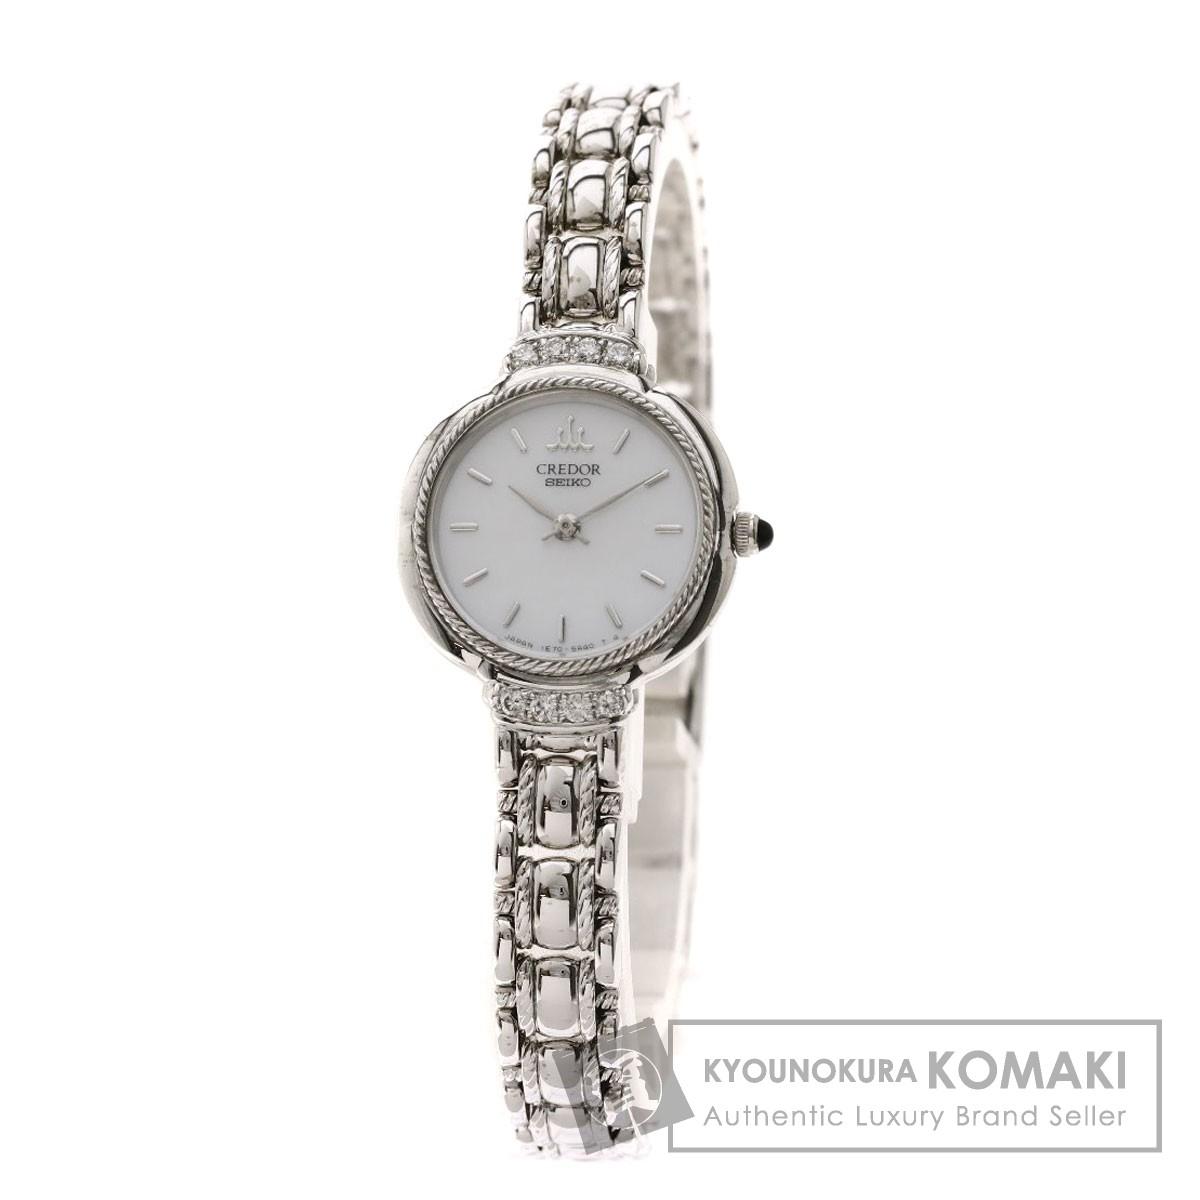 セイコー 1E70-2A50 クレドール ダイヤモンド 腕時計 K18ホワイトゴールド/K18WG レディース 【中古】【SEIKO】